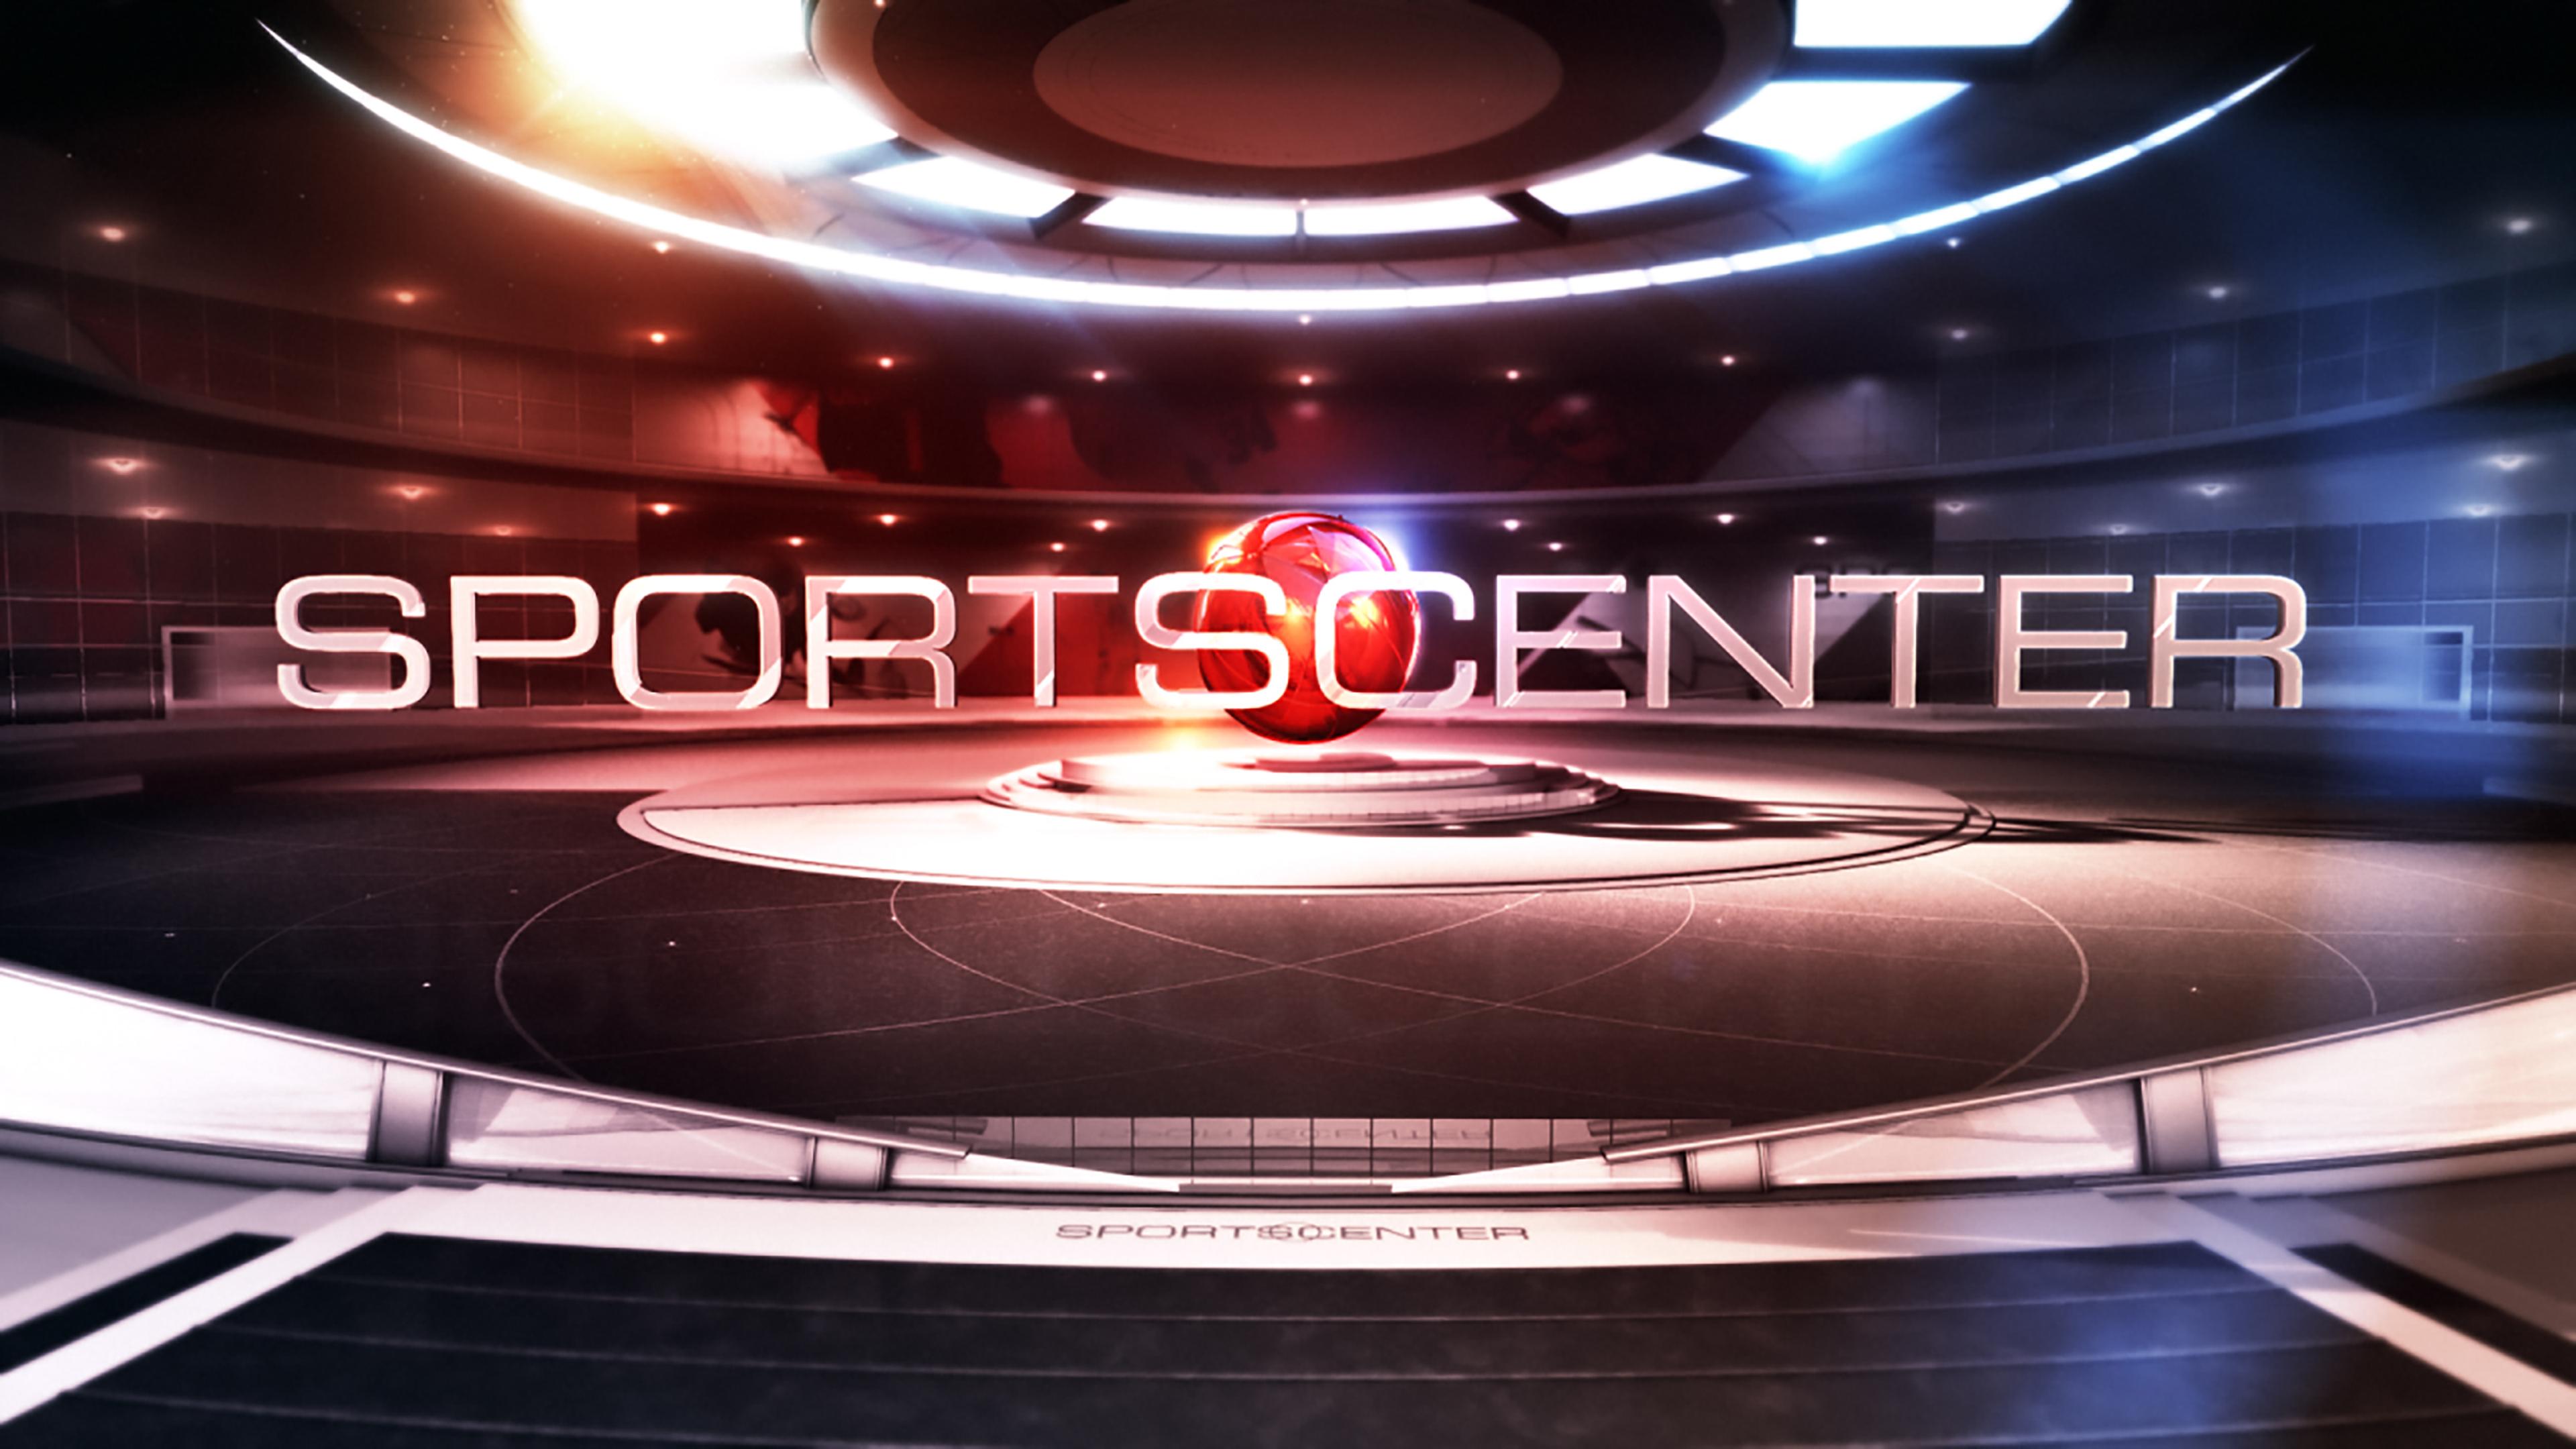 SportsCenter (Joined in Progress)